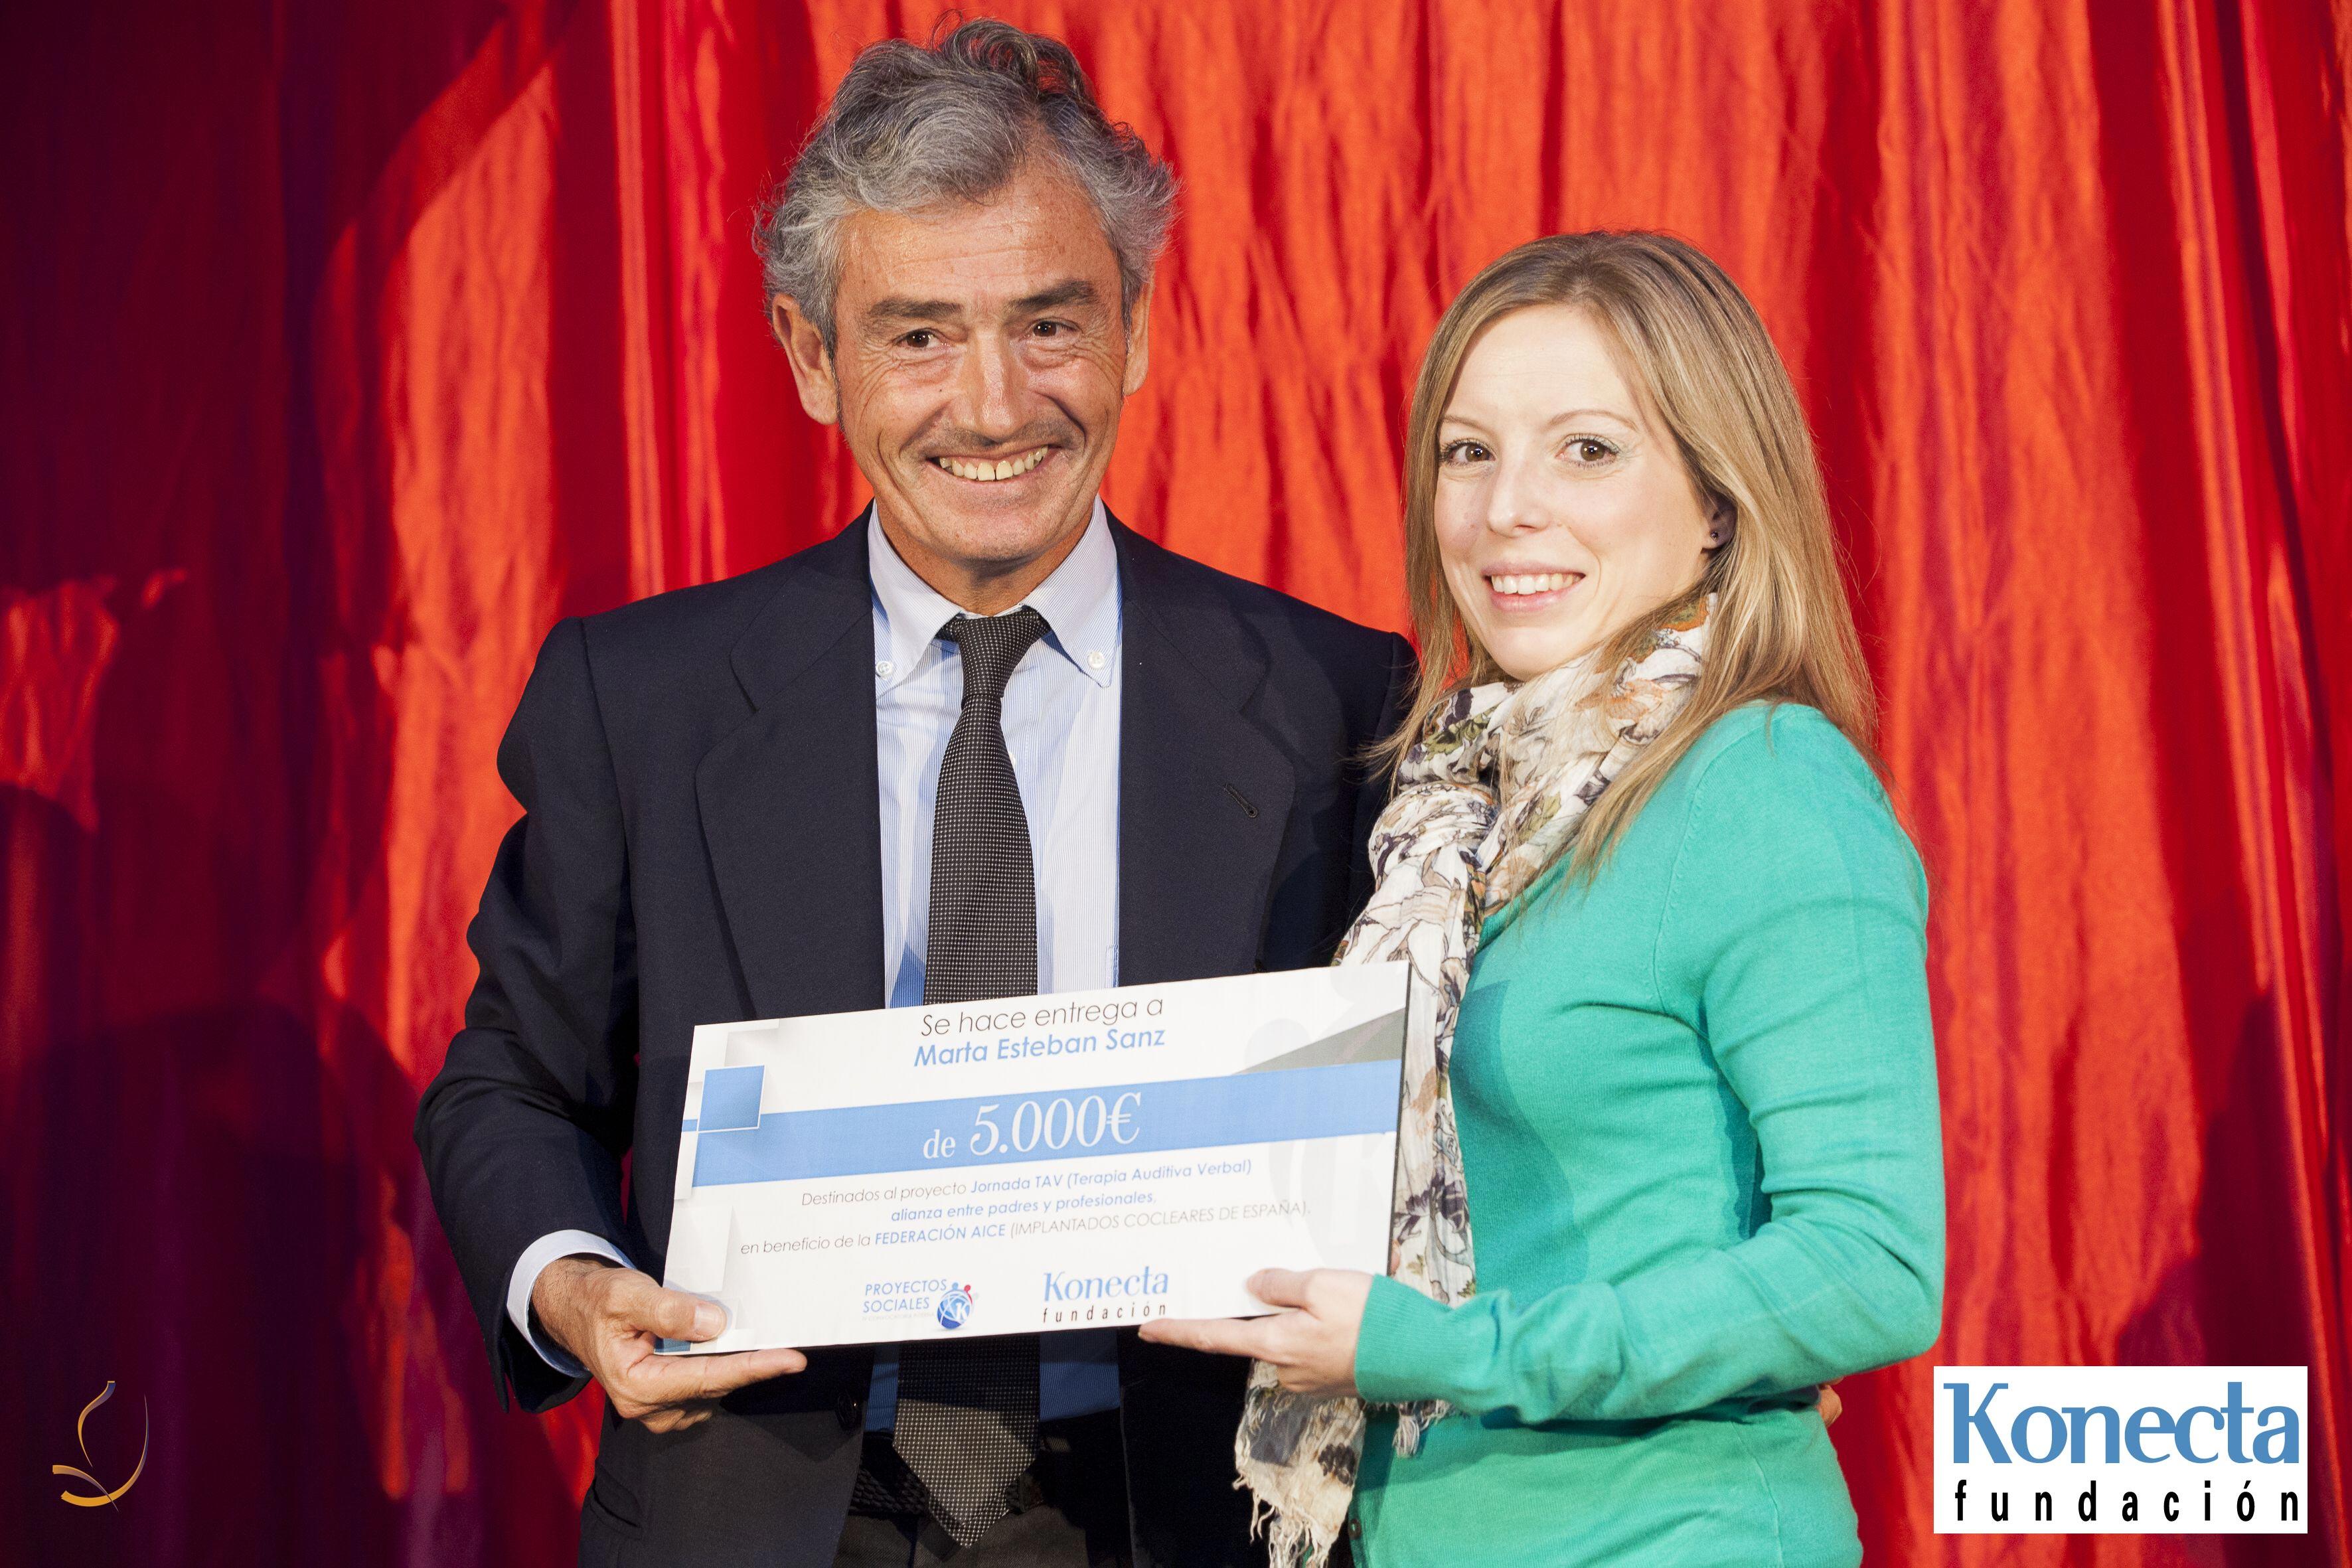 Fundación Konecta premia a Federacion AICE